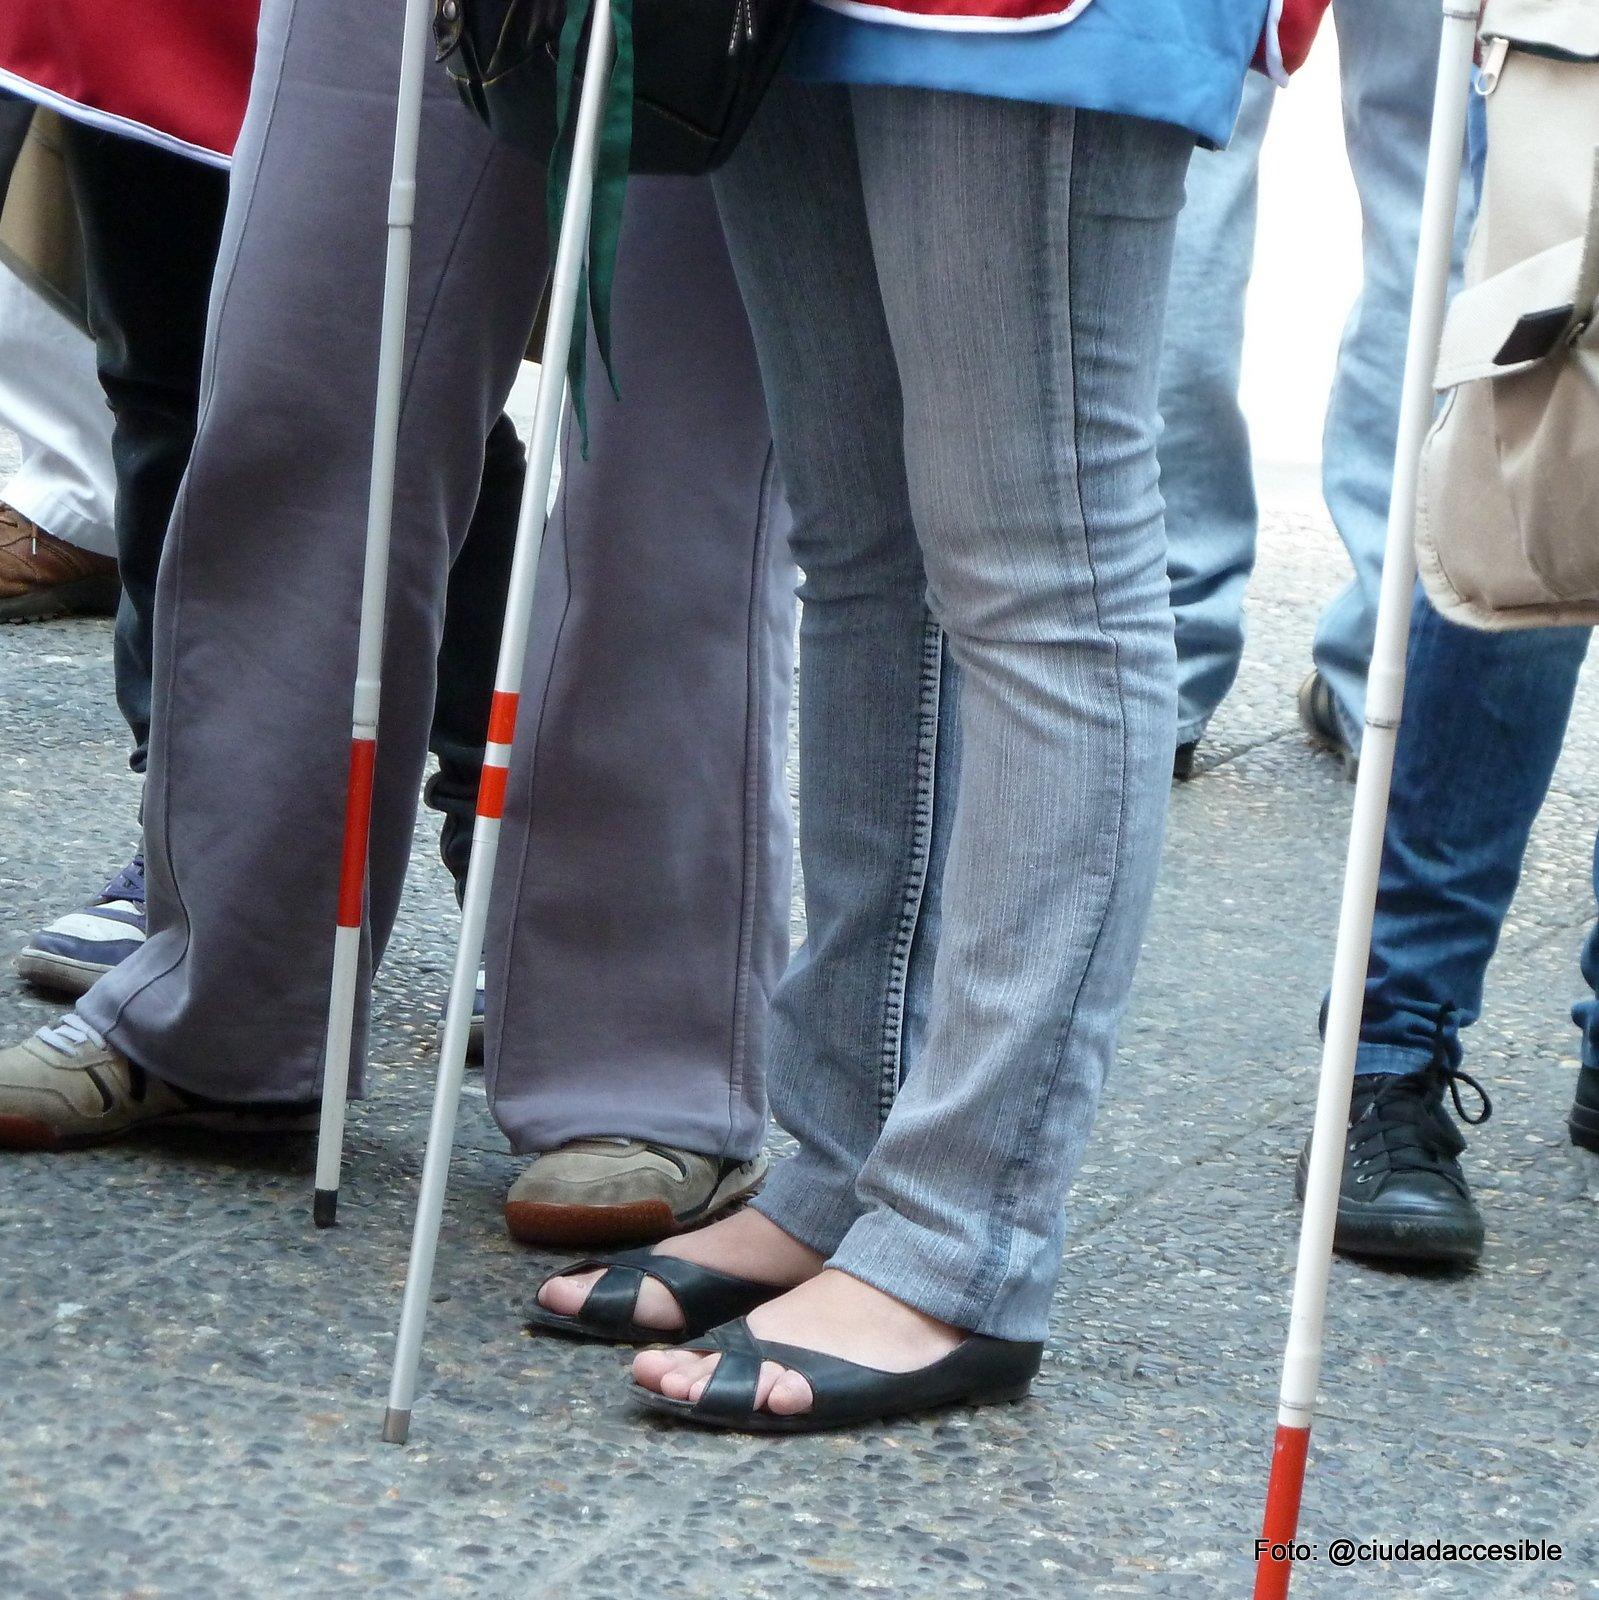 Varias personas ciegas con sus bastones